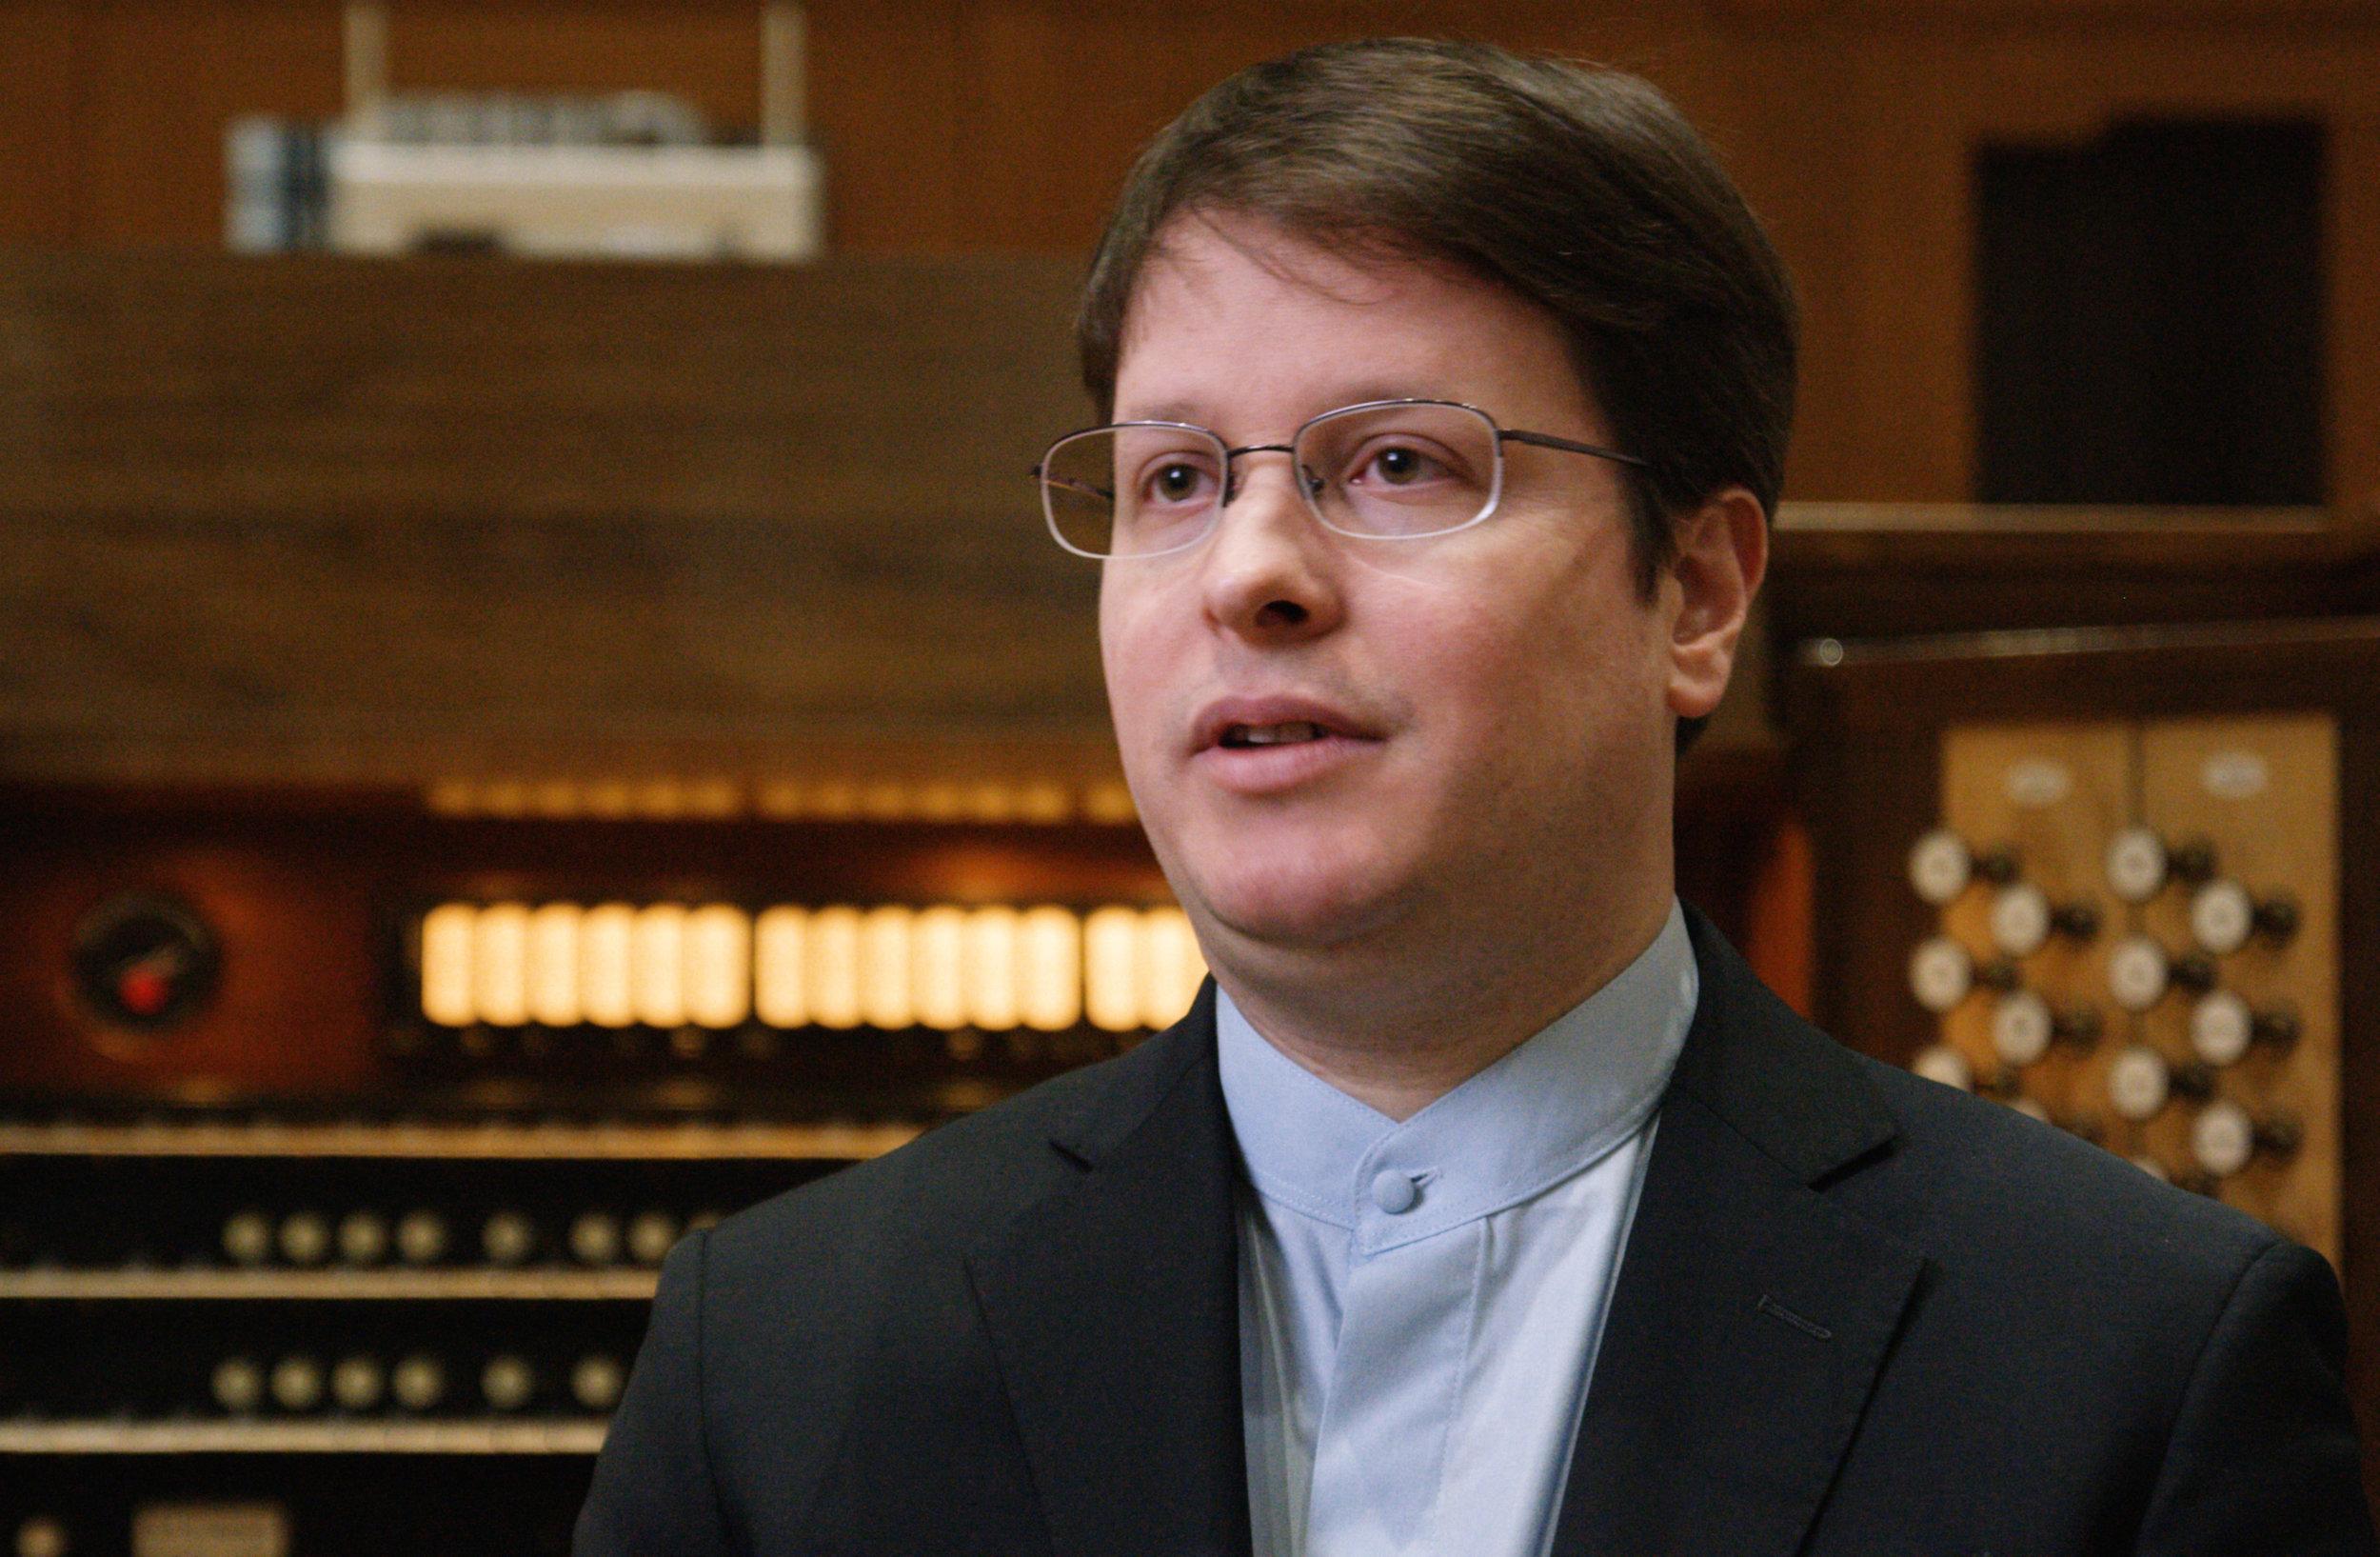 Paul Jacobs – Organist